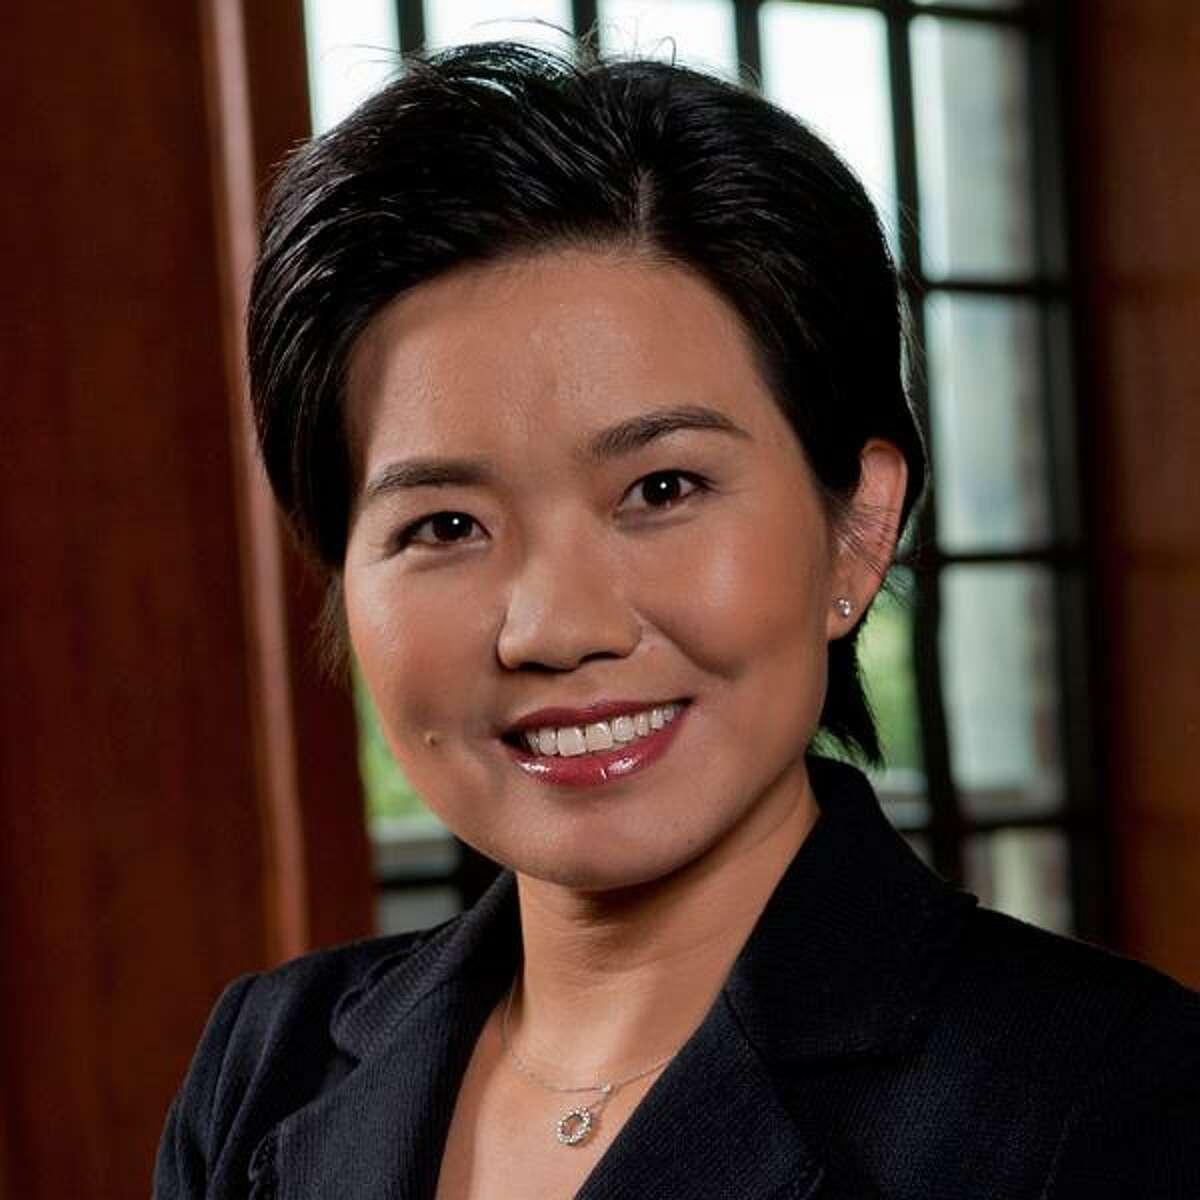 Anthea Zang